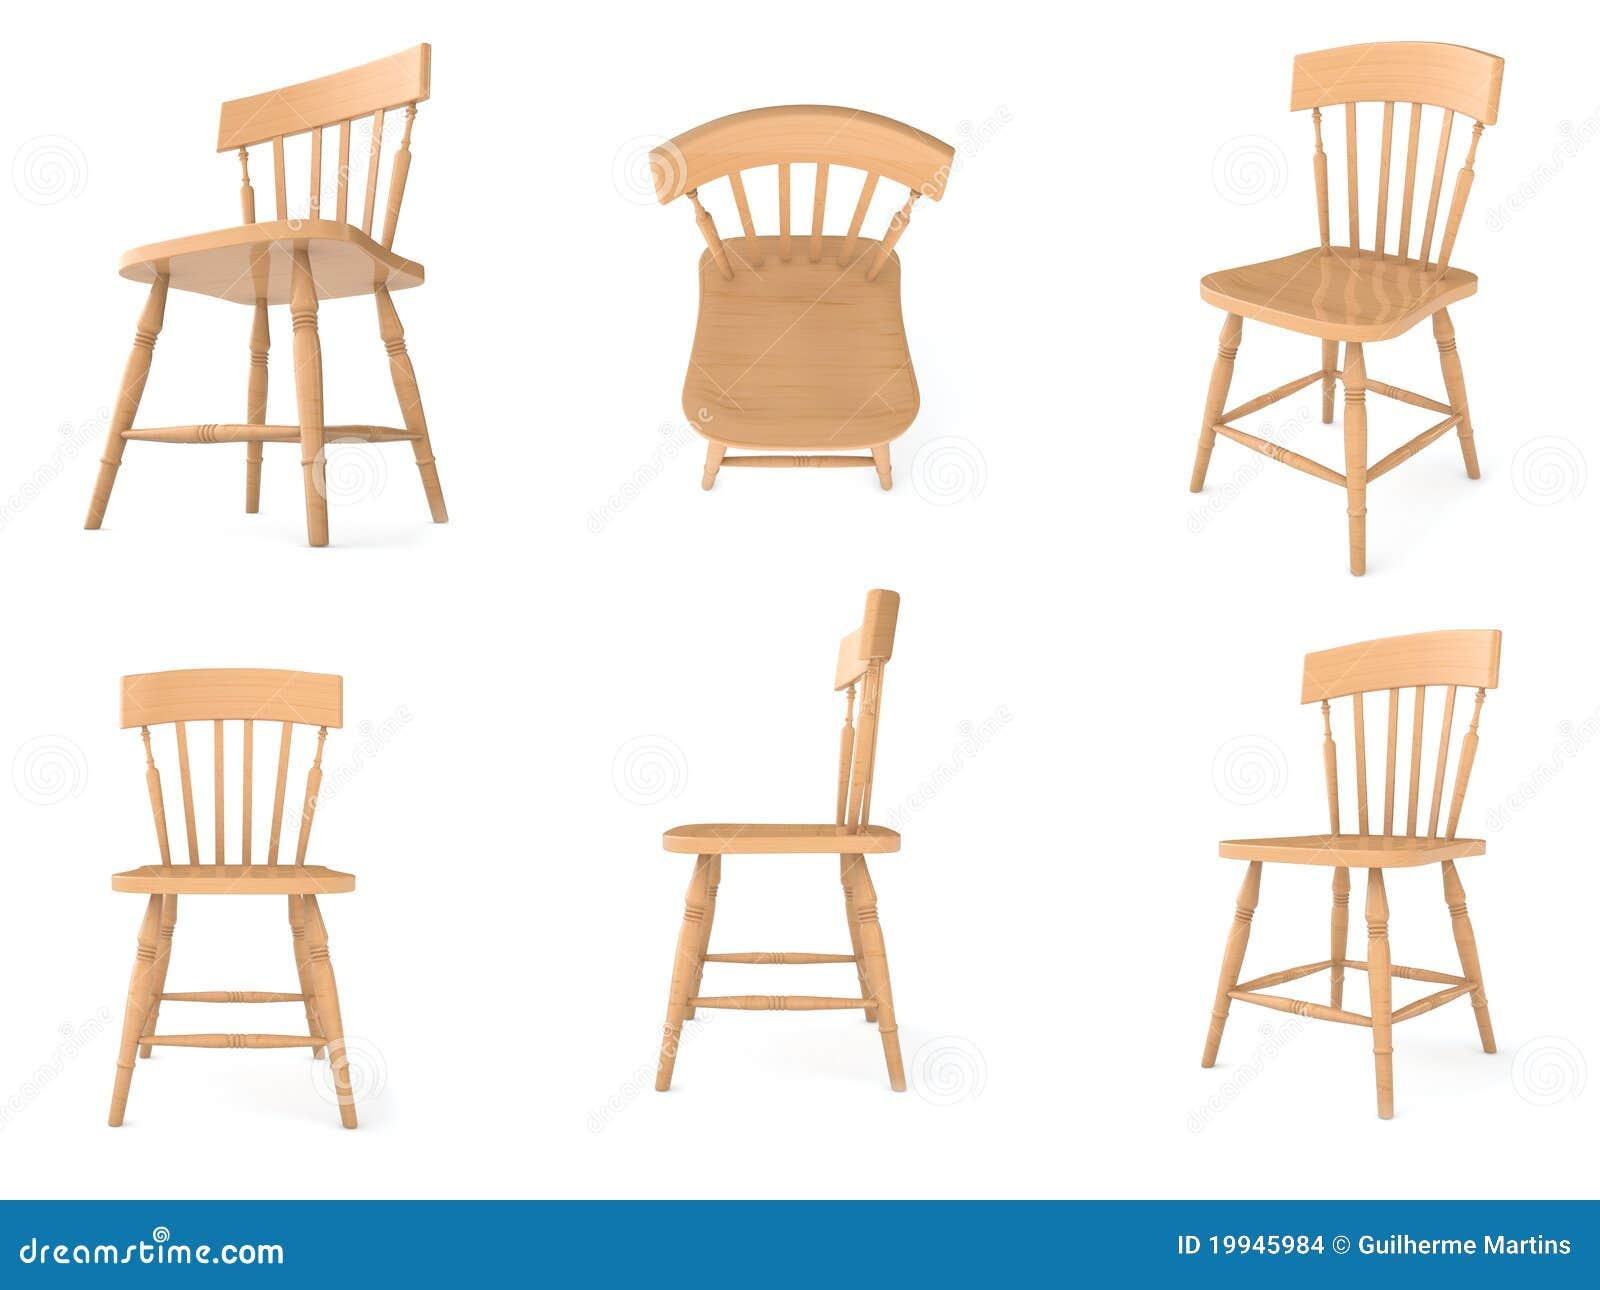 Sillas de madera en diversos ngulos imagenes de archivo for Imagenes de sillas de madera